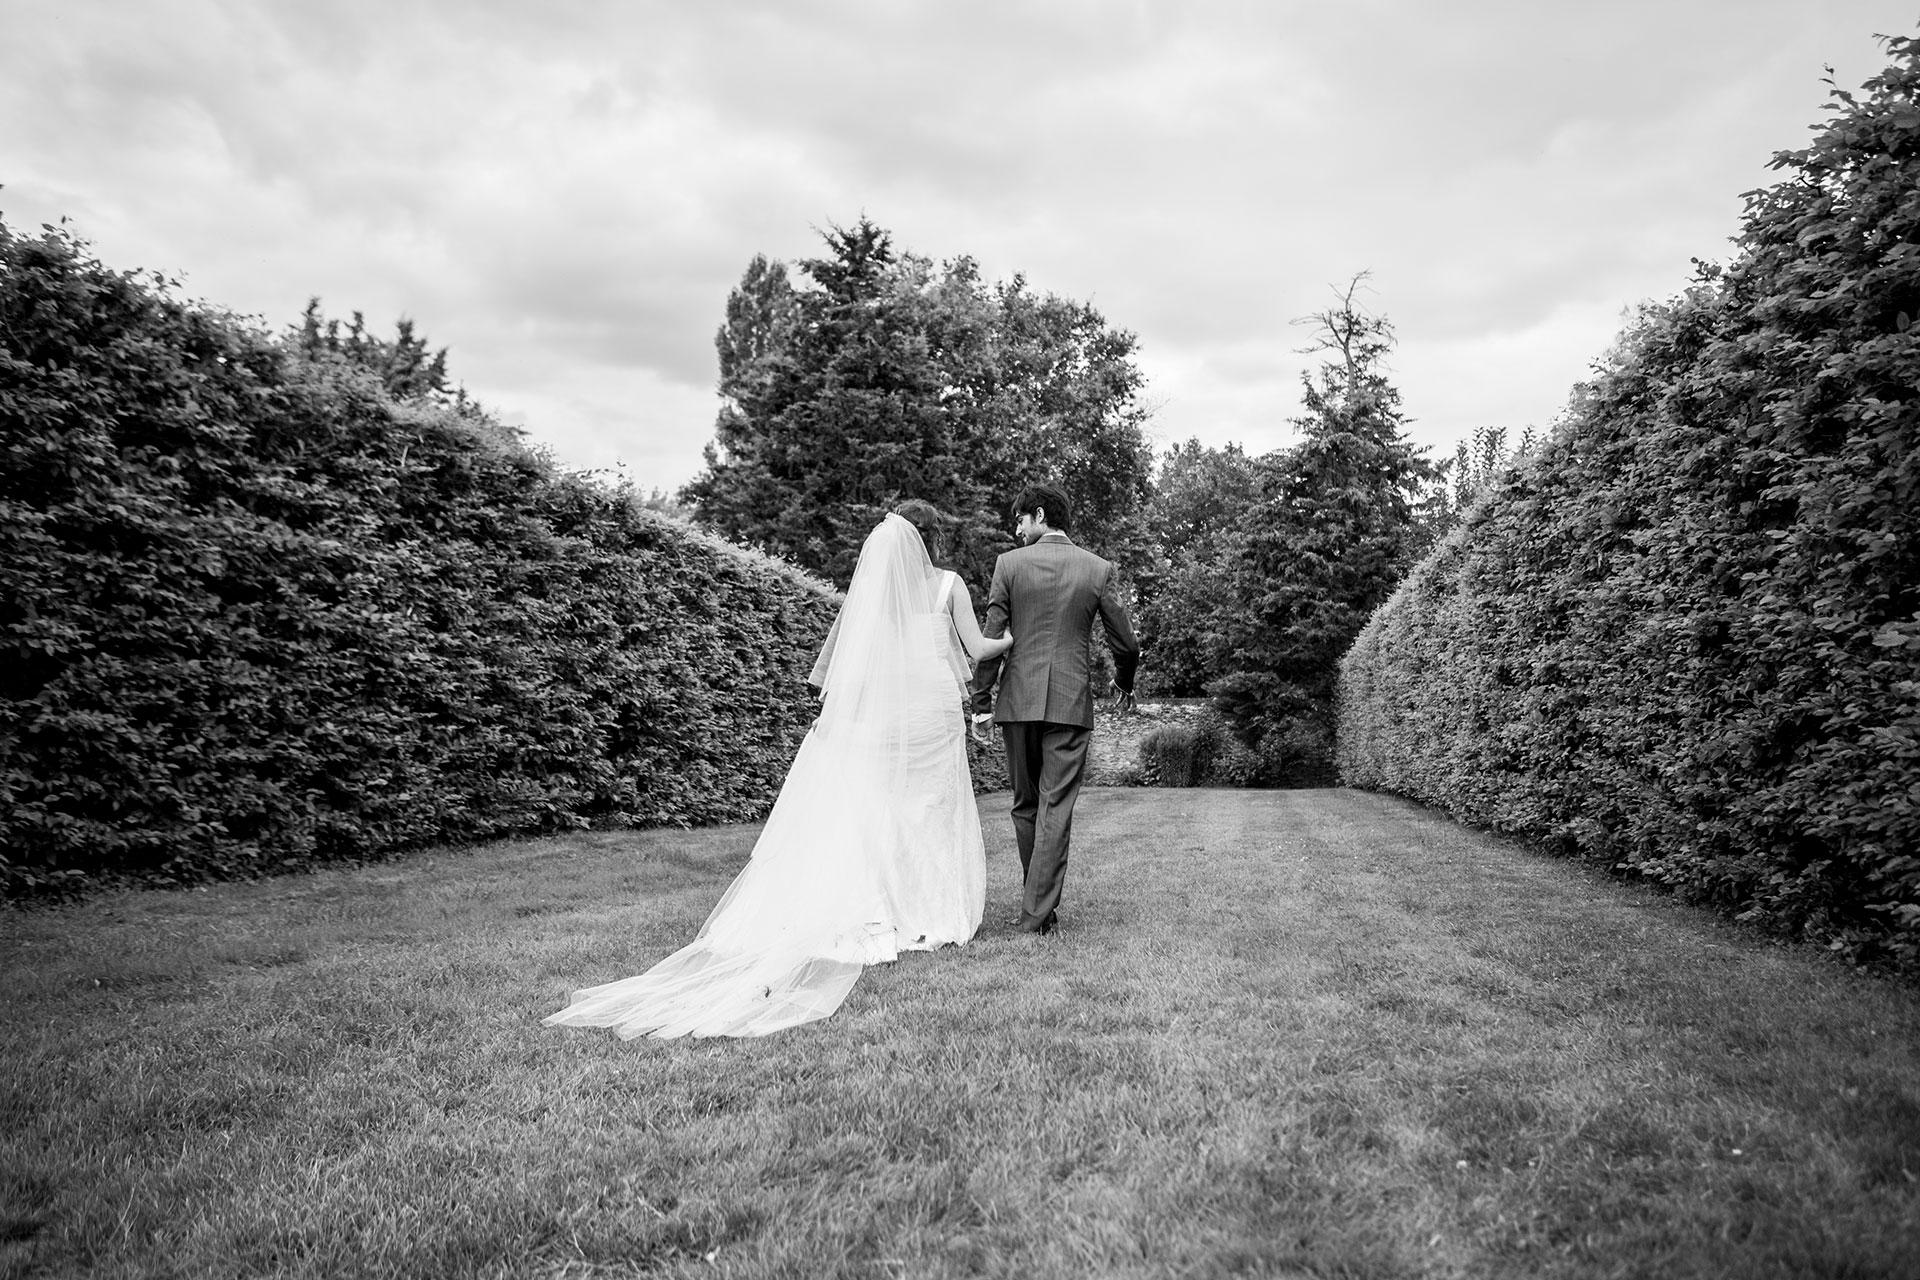 particuliers-evenements-mariages-oui-agnes&louis-65